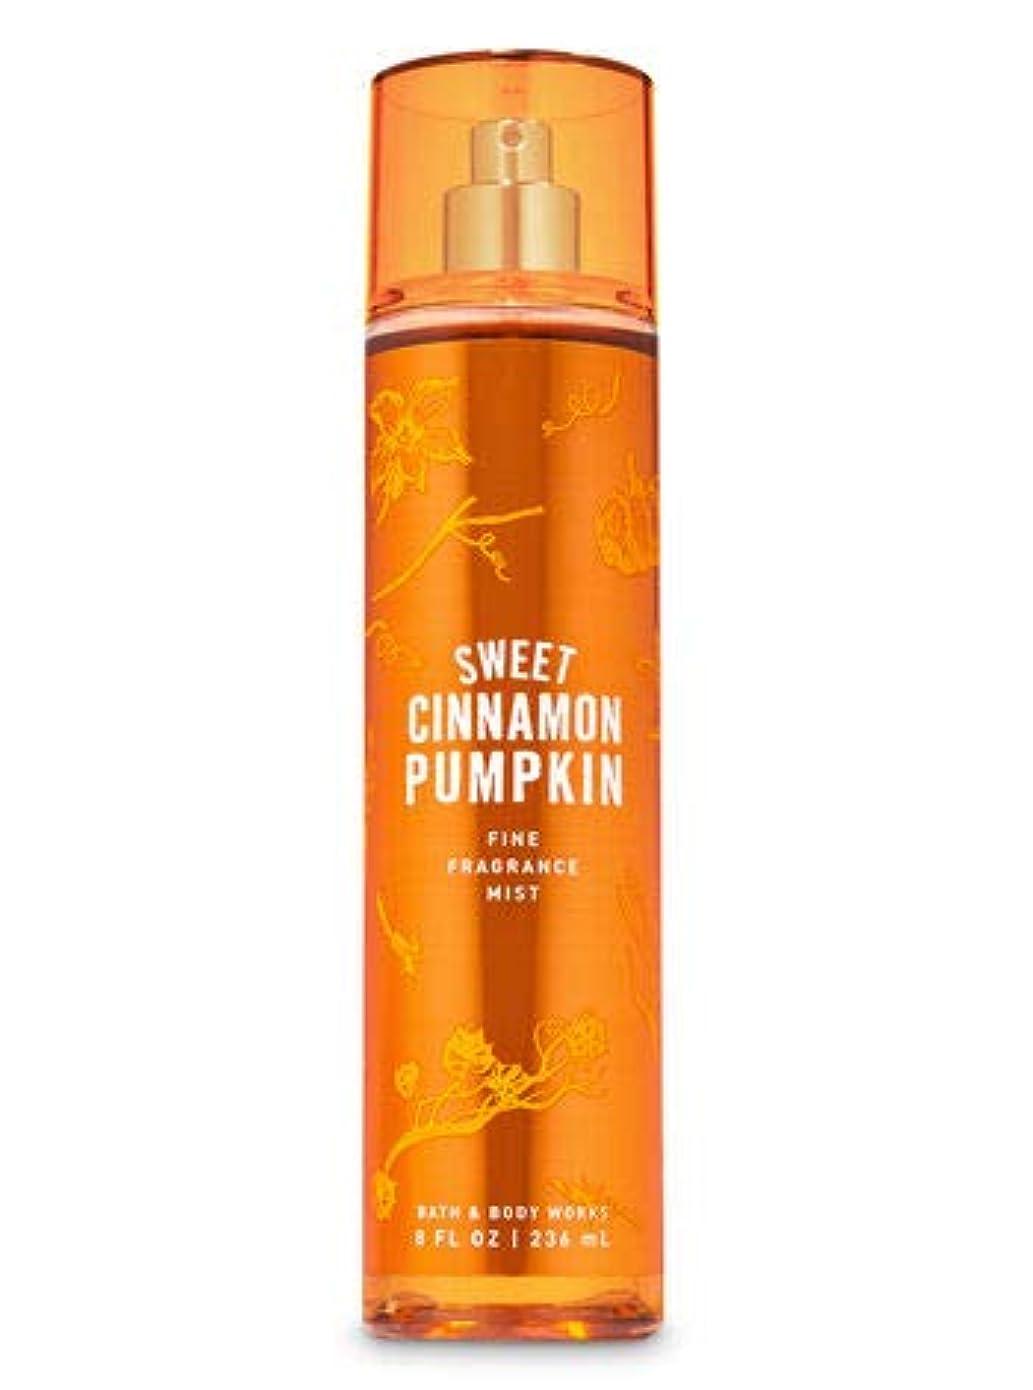 監督する数値混乱【Bath&Body Works/バス&ボディワークス】 ファインフレグランスミスト スイートシナモンパンプキン Fine Fragrance Mist Sweet Cinnamon Pumpkin 8oz (236ml) [並行輸入品]